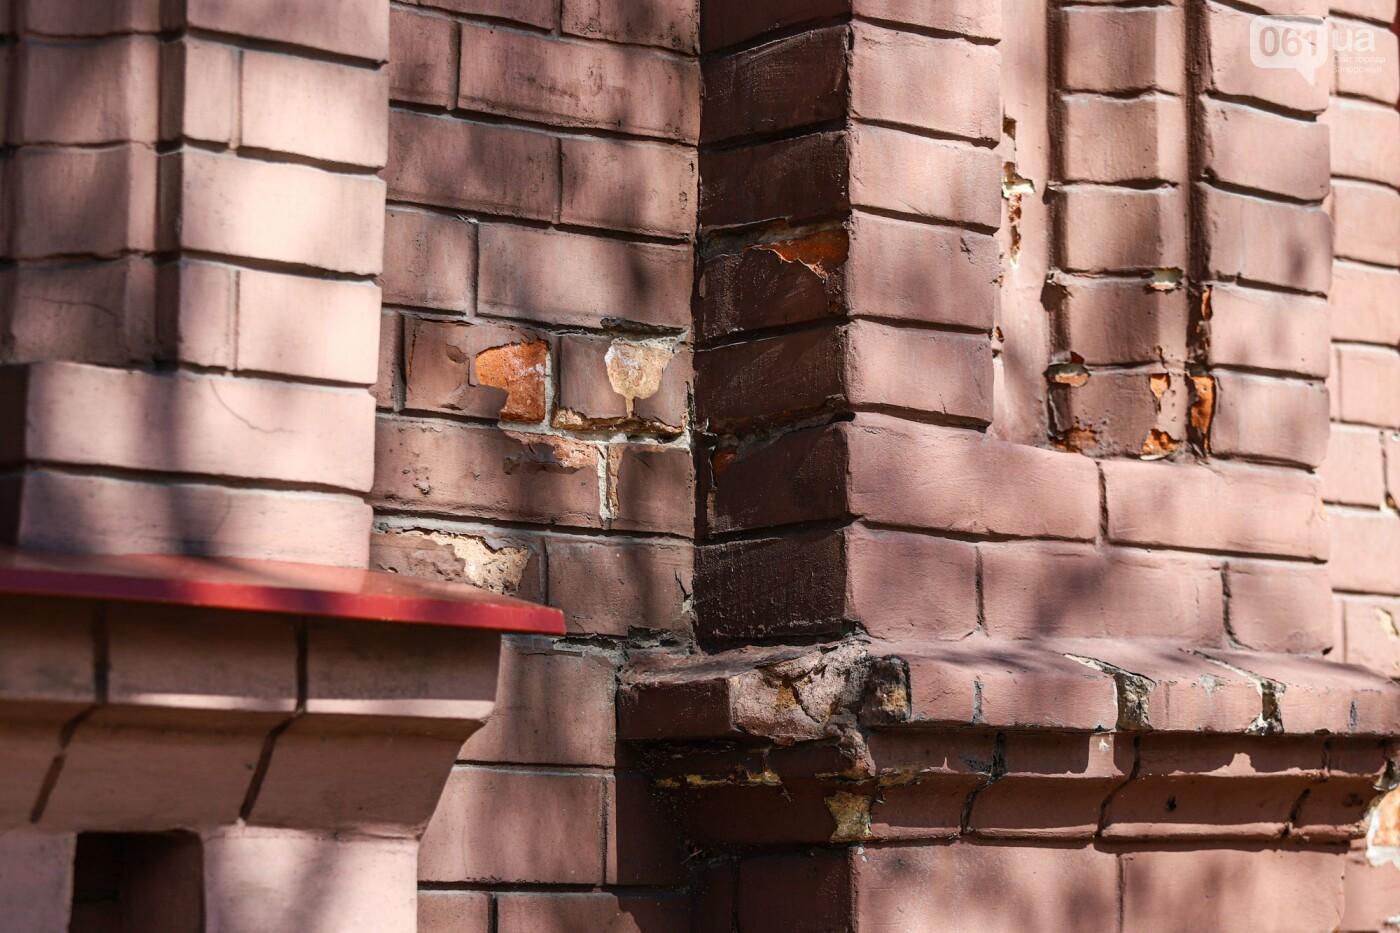 Памятники Старого Александровска: как сейчас выглядит доходный дом Регирера, - ФОТО, фото-16